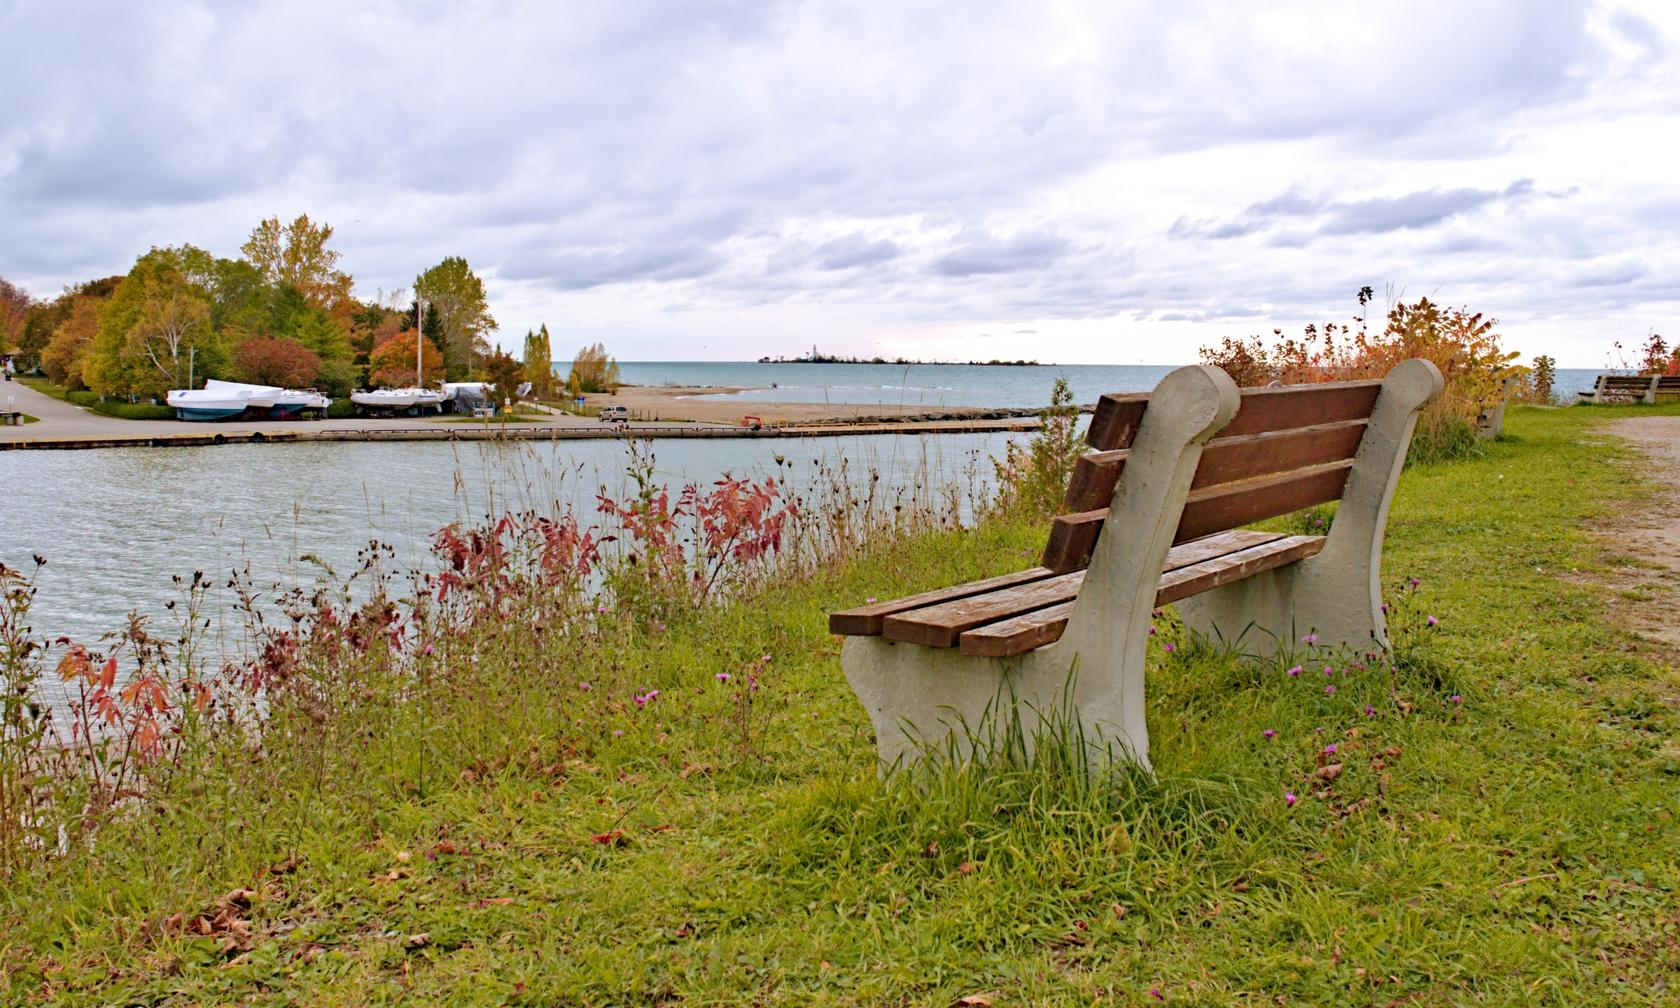 Vacation rentals in Saugeen Shores